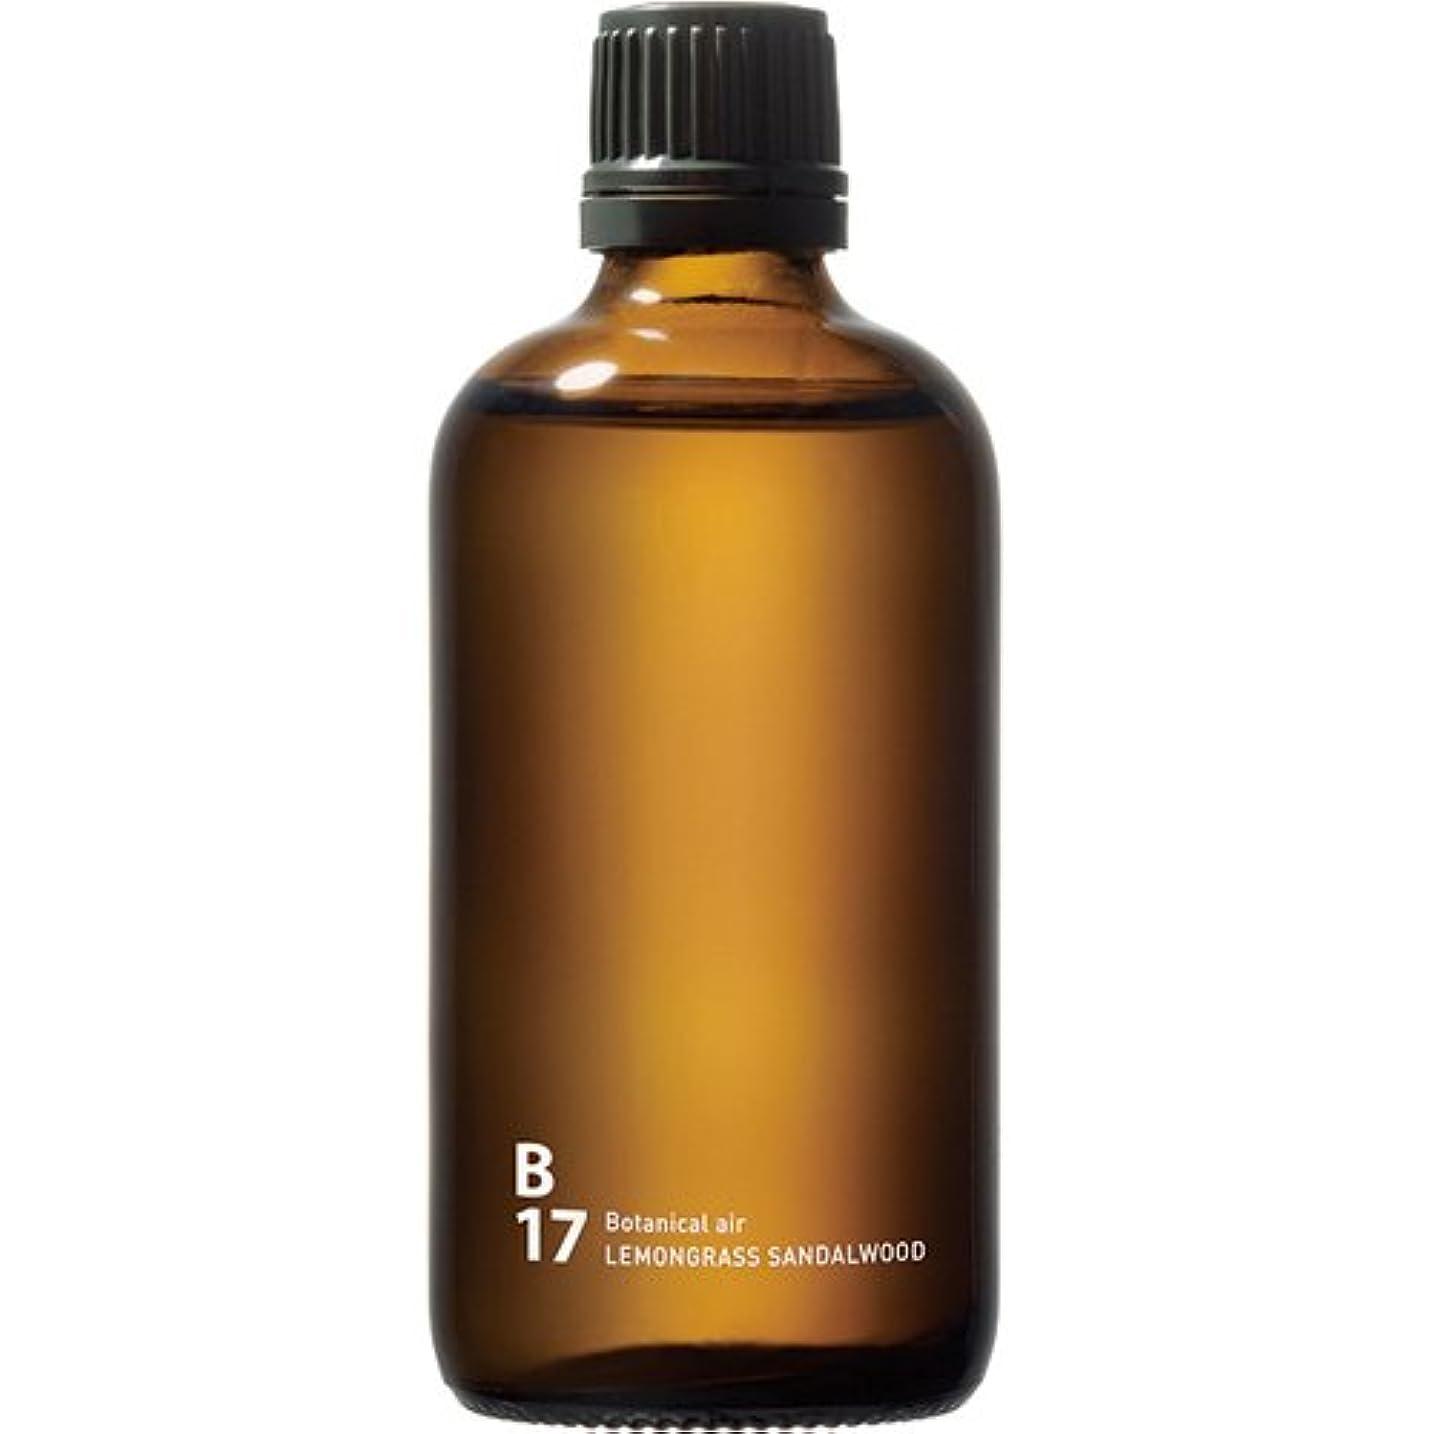 側溝スキップ素晴らしきB17 LEMONGRASS SANDALWOOD piezo aroma oil 100ml